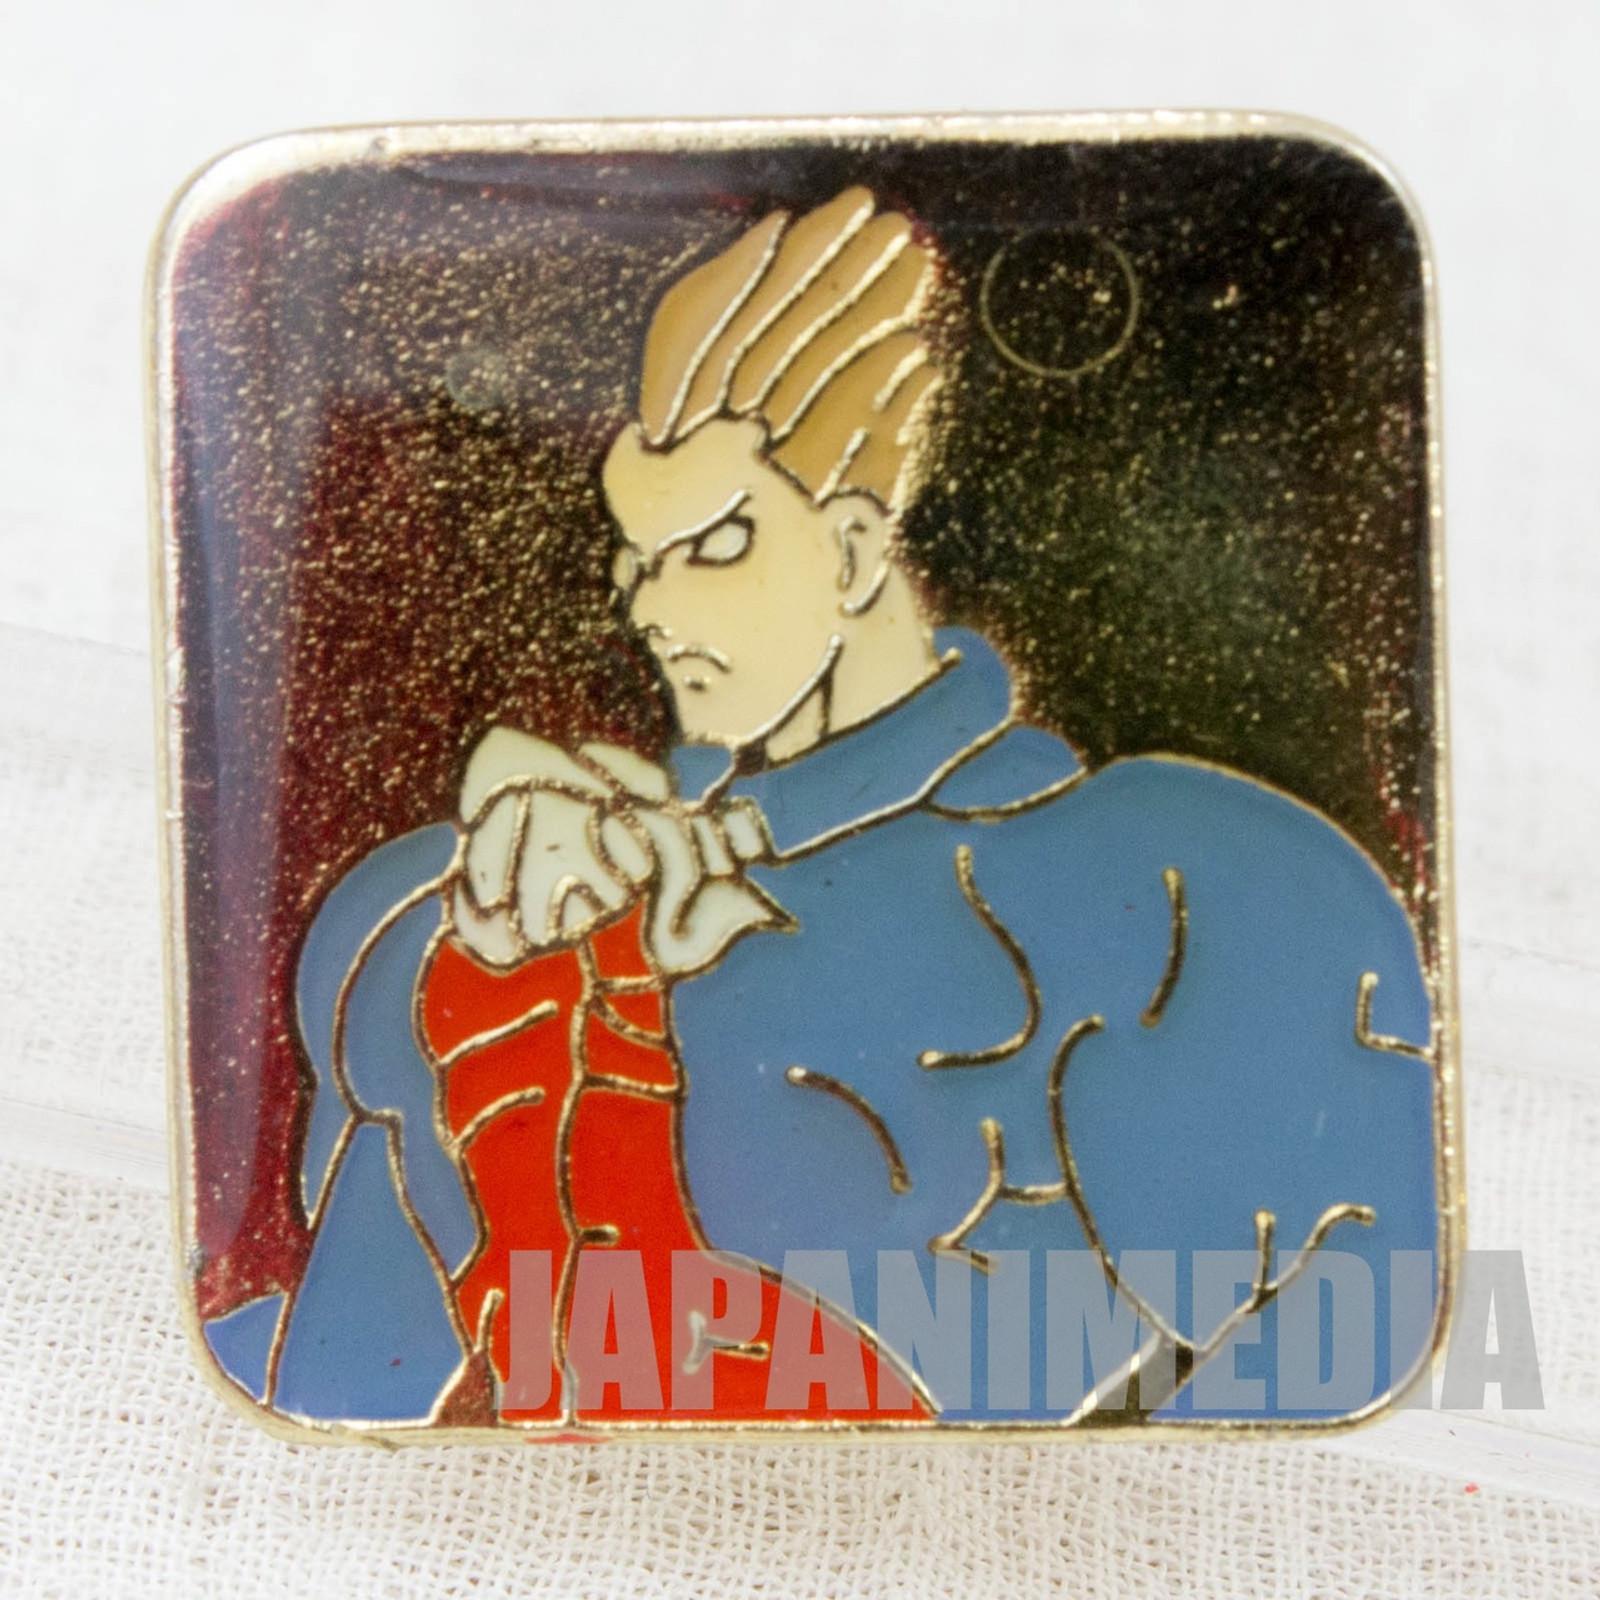 Darkstalkers (Vampire) Demitri Metal Pins Capcom Character JAPAN